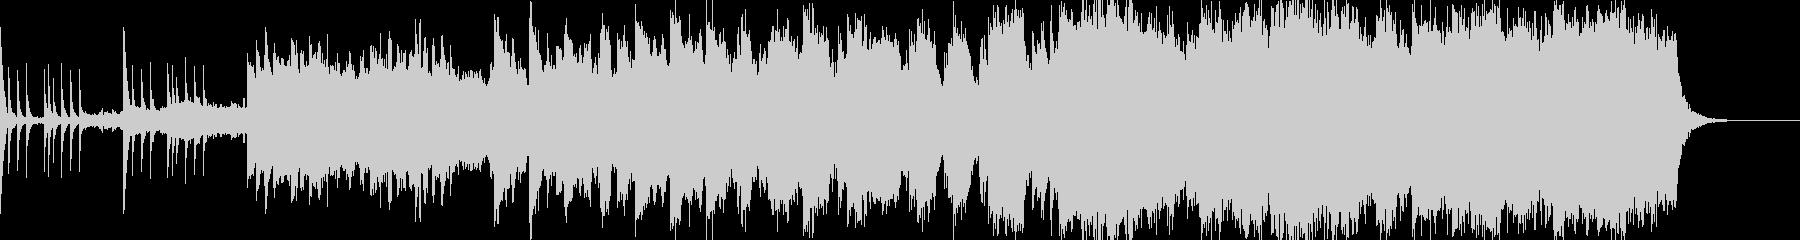 しっとりから徐々に壮大に駆けるバラードの未再生の波形